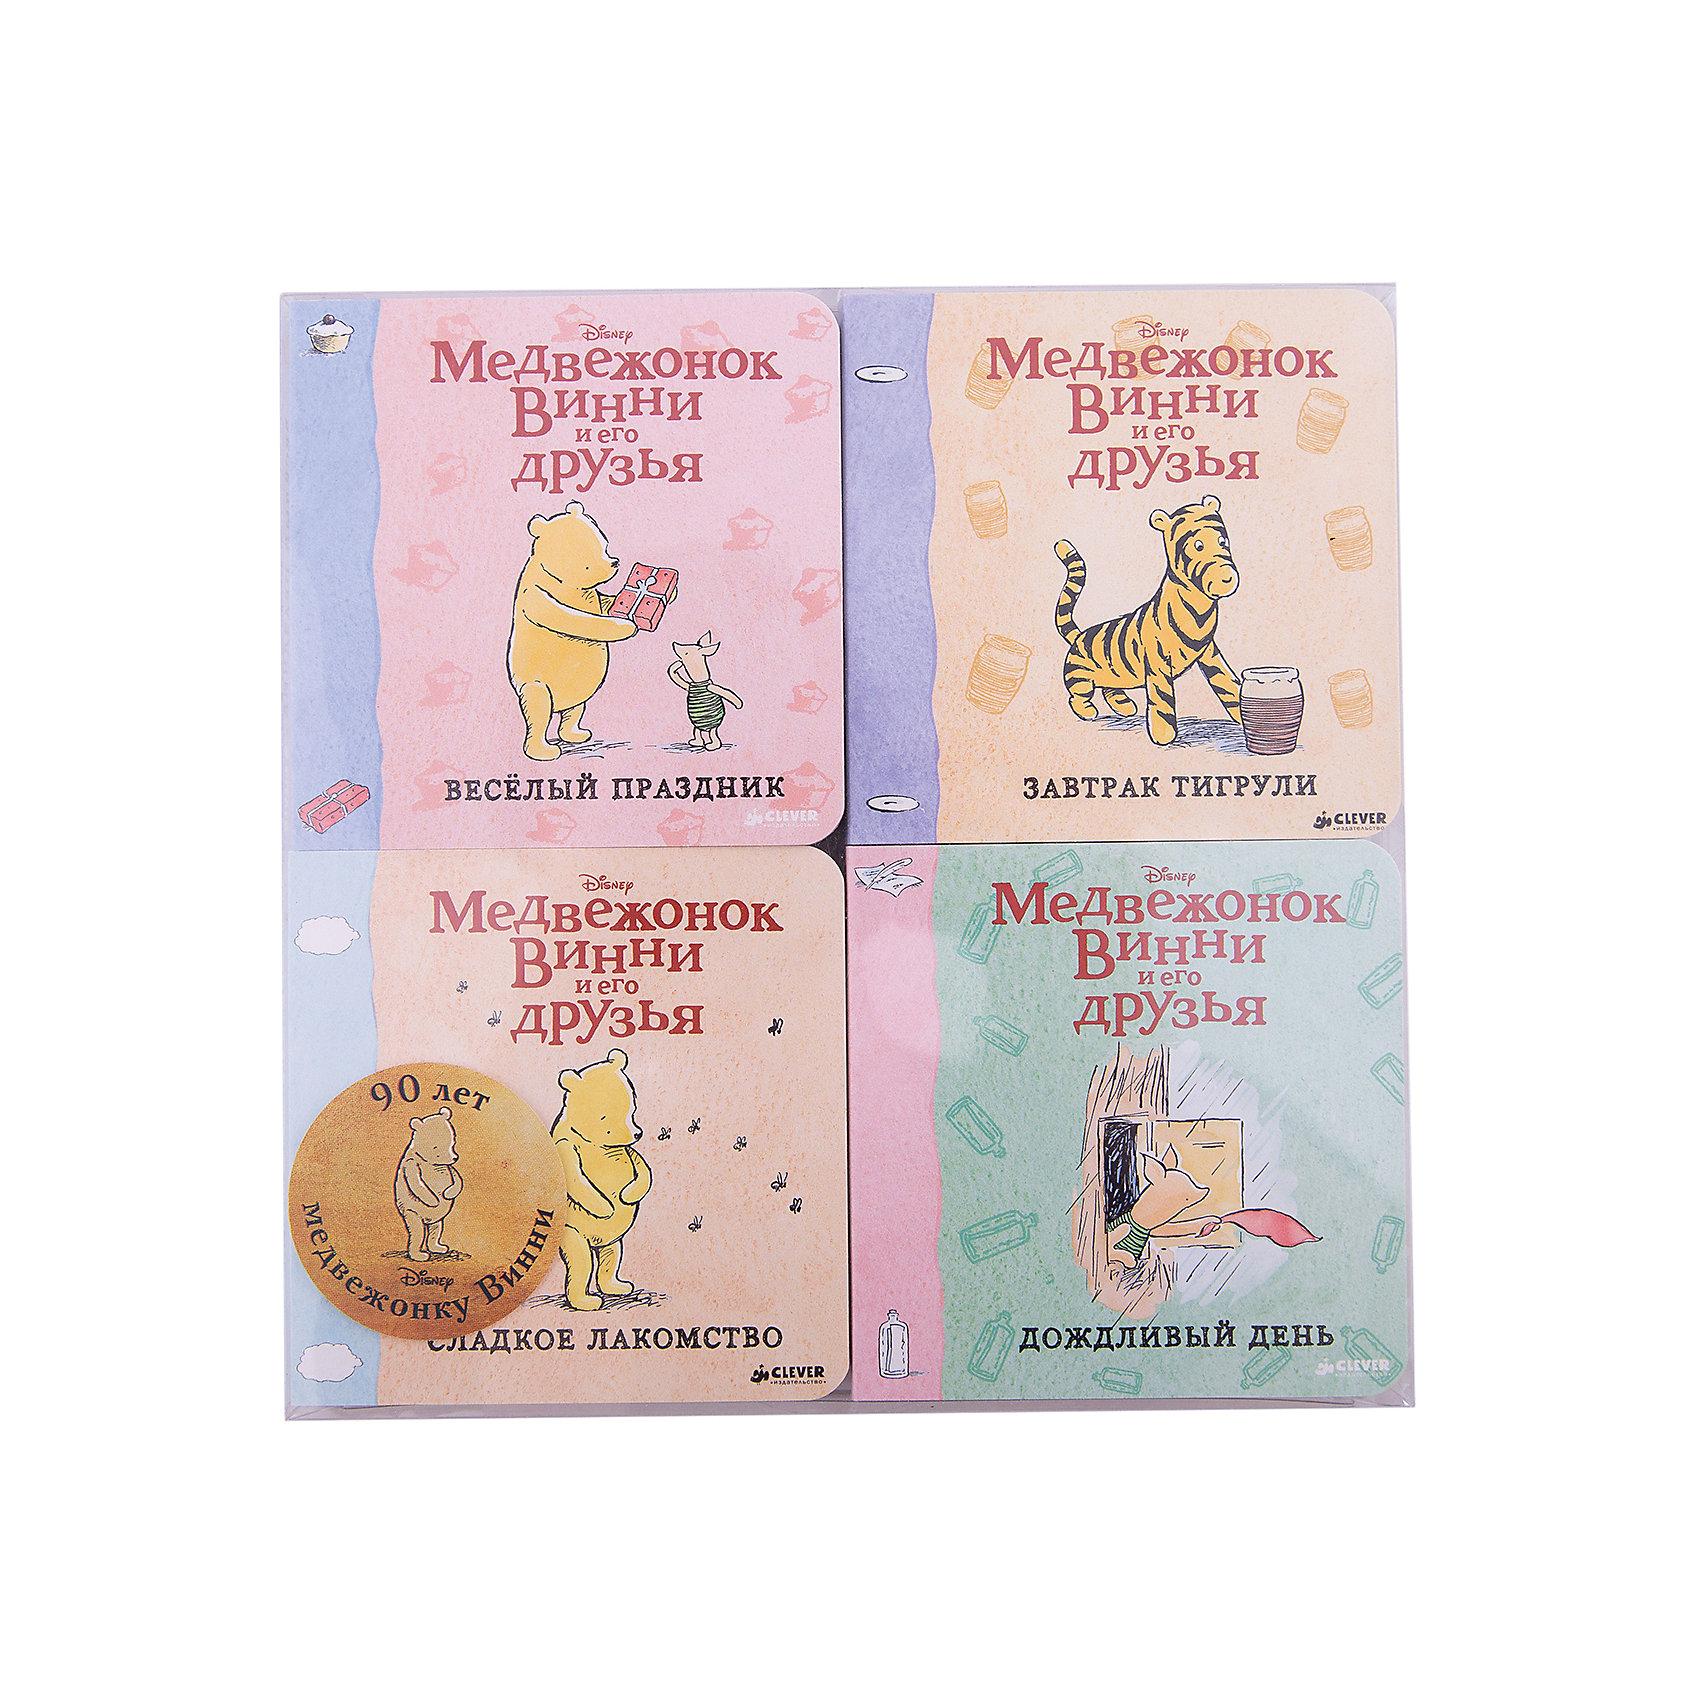 Комплект из четырёх книг, Медвежонок Винни и его друзьяЗарубежные сказки<br>Характеристики комплекта из 4 книг Медвежонок Винни и его друзья:<br><br>• возраст: от 12 месяцев<br>• герой: Винни – Пух<br>• пол: для мальчиков и девочек<br>• комплект: 4 книги.<br>• материал: картон, бумага.<br>• количество страниц: 18.<br>• размер книги: 20.5х20.5х3 см.<br>• тип обложки: твердый.<br>• иллюстрации: цветные.<br>• бренд: издательство clever<br>• страна обладатель бренда: Россия.<br><br>Комплект из четырех книг Медвежонок Винни и его друзья от издательства Clever надолго завладеет вниманием многих детей. На страницах этих книжек ребенок найдет интересные захватывающие сюжеты о забавном персонаже - милом Винни Пухе и его лучших друзьях. Яркие красочные иллюстрации разнообразят процесс чтения.<br><br>Комплект из четырёх книг, Медвежонок Винни и его друзья издательства Clever можно купить в нашем интернет-магазине.<br><br>Ширина мм: 205<br>Глубина мм: 205<br>Высота мм: 30<br>Вес г: 520<br>Возраст от месяцев: 0<br>Возраст до месяцев: 36<br>Пол: Унисекс<br>Возраст: Детский<br>SKU: 5377752